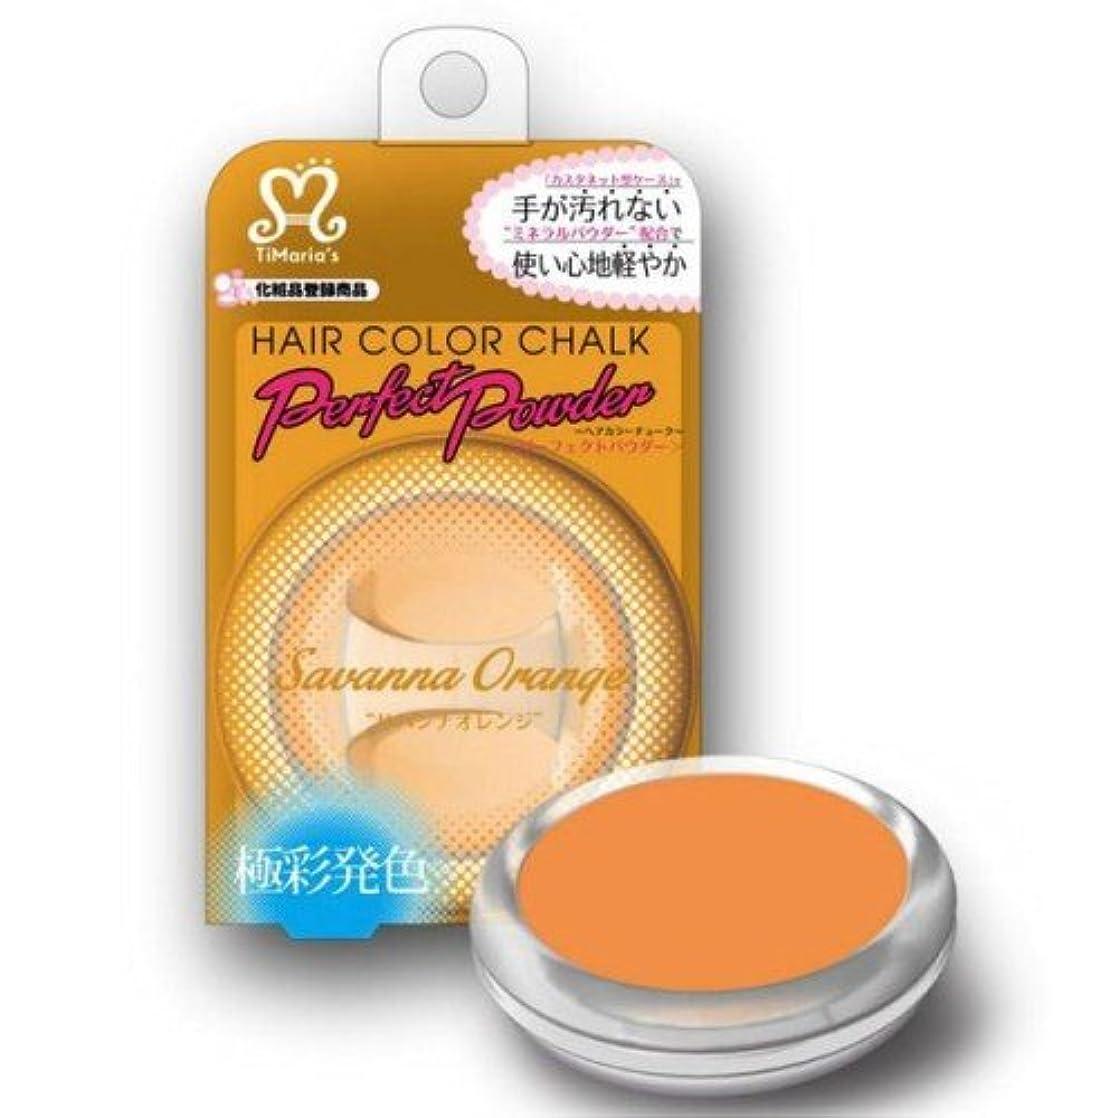 感染する赤取り替えるティーマリアーズ ヘアカラーチョーク パーフェクトパウダー サバンナオレンジ(6g)